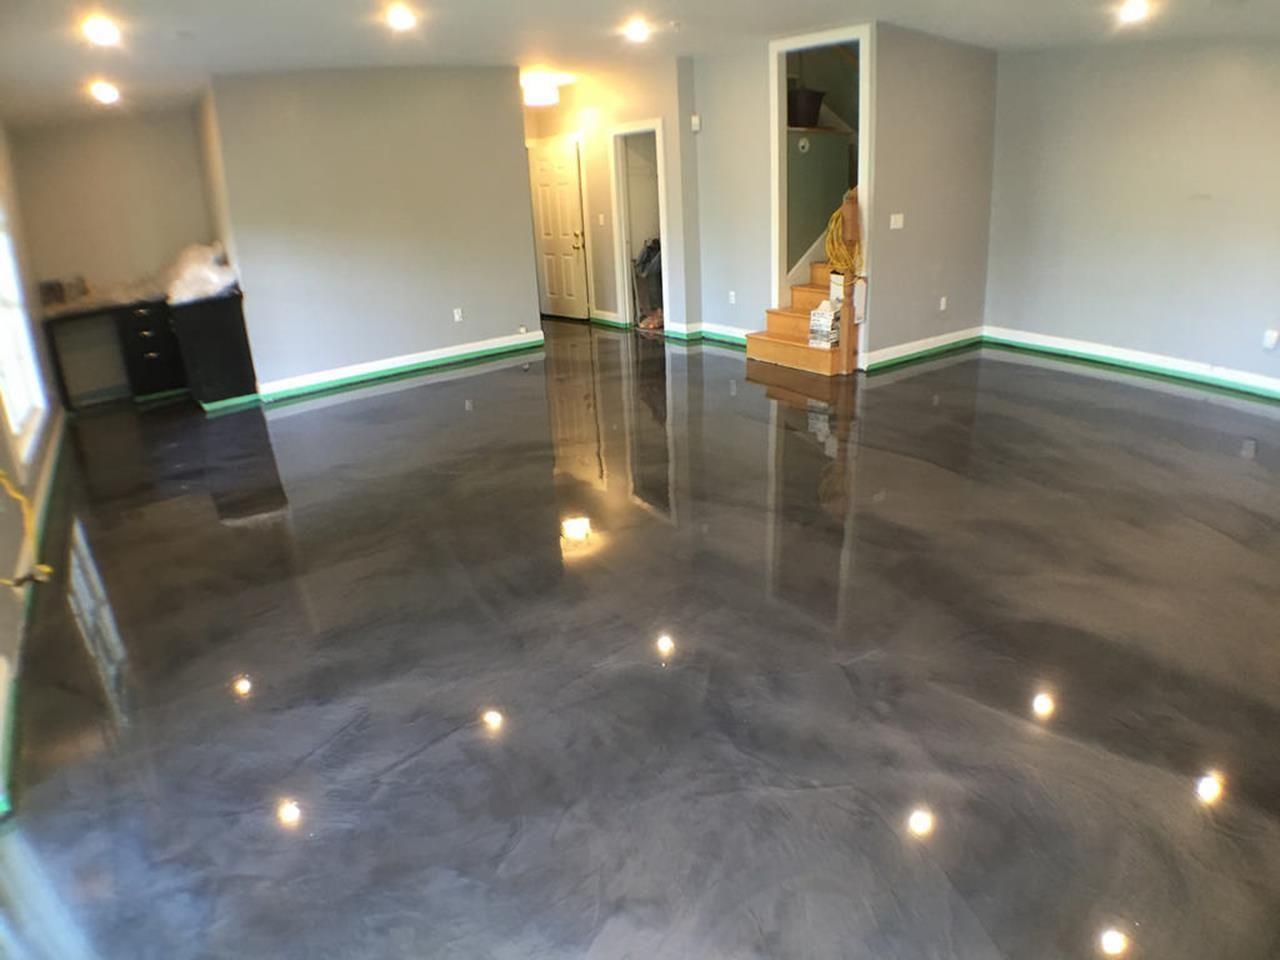 Basement Concrete Floor Paint Color Ideas 2 Basement Concrete Floor Paint Painted Concrete Floors Floor Paint Colors